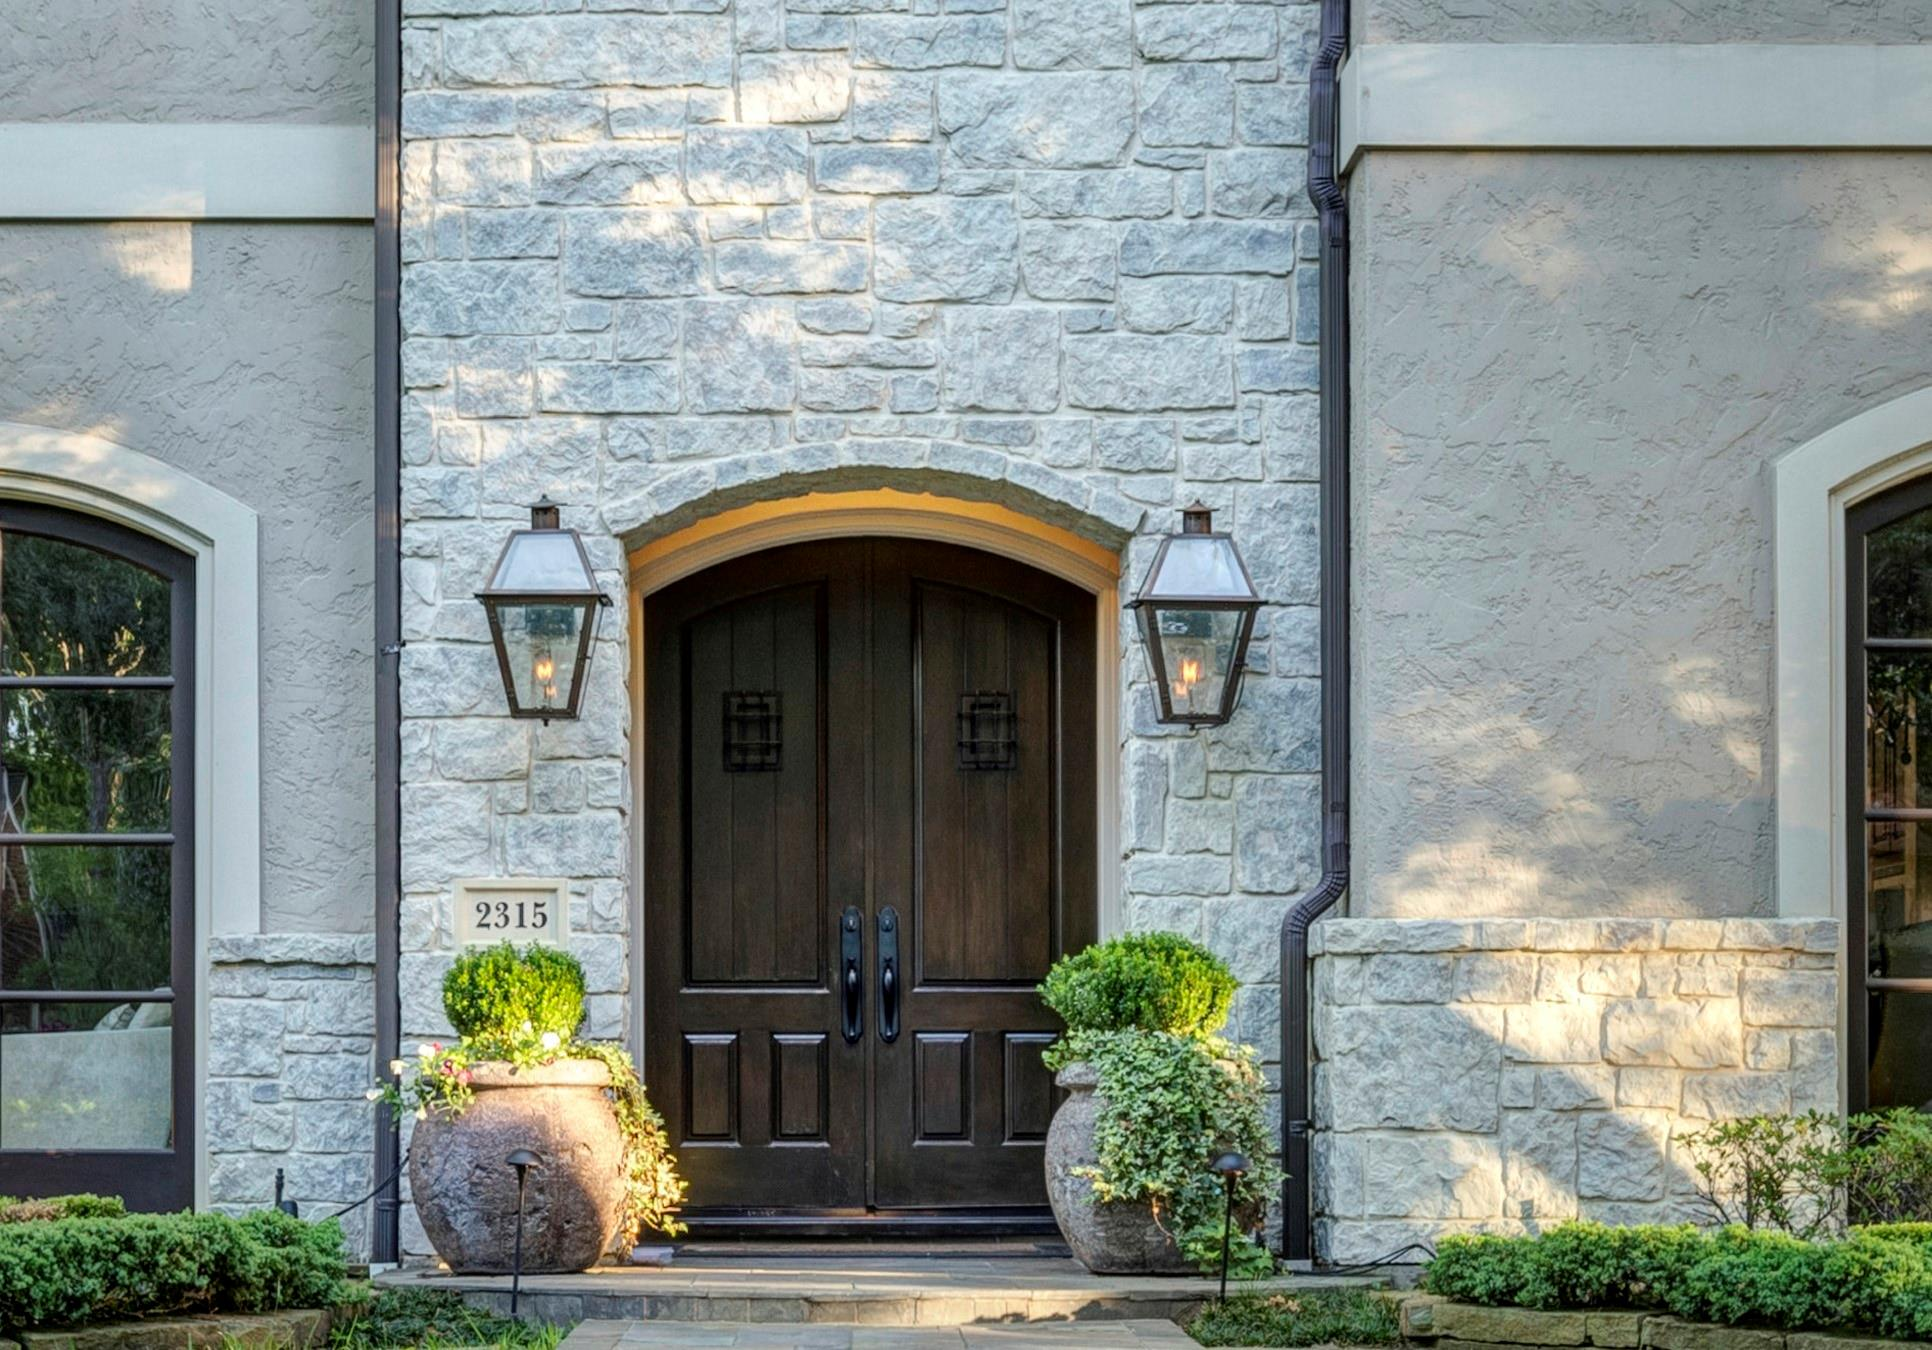 2315 Bolsover Street Property Photo 1